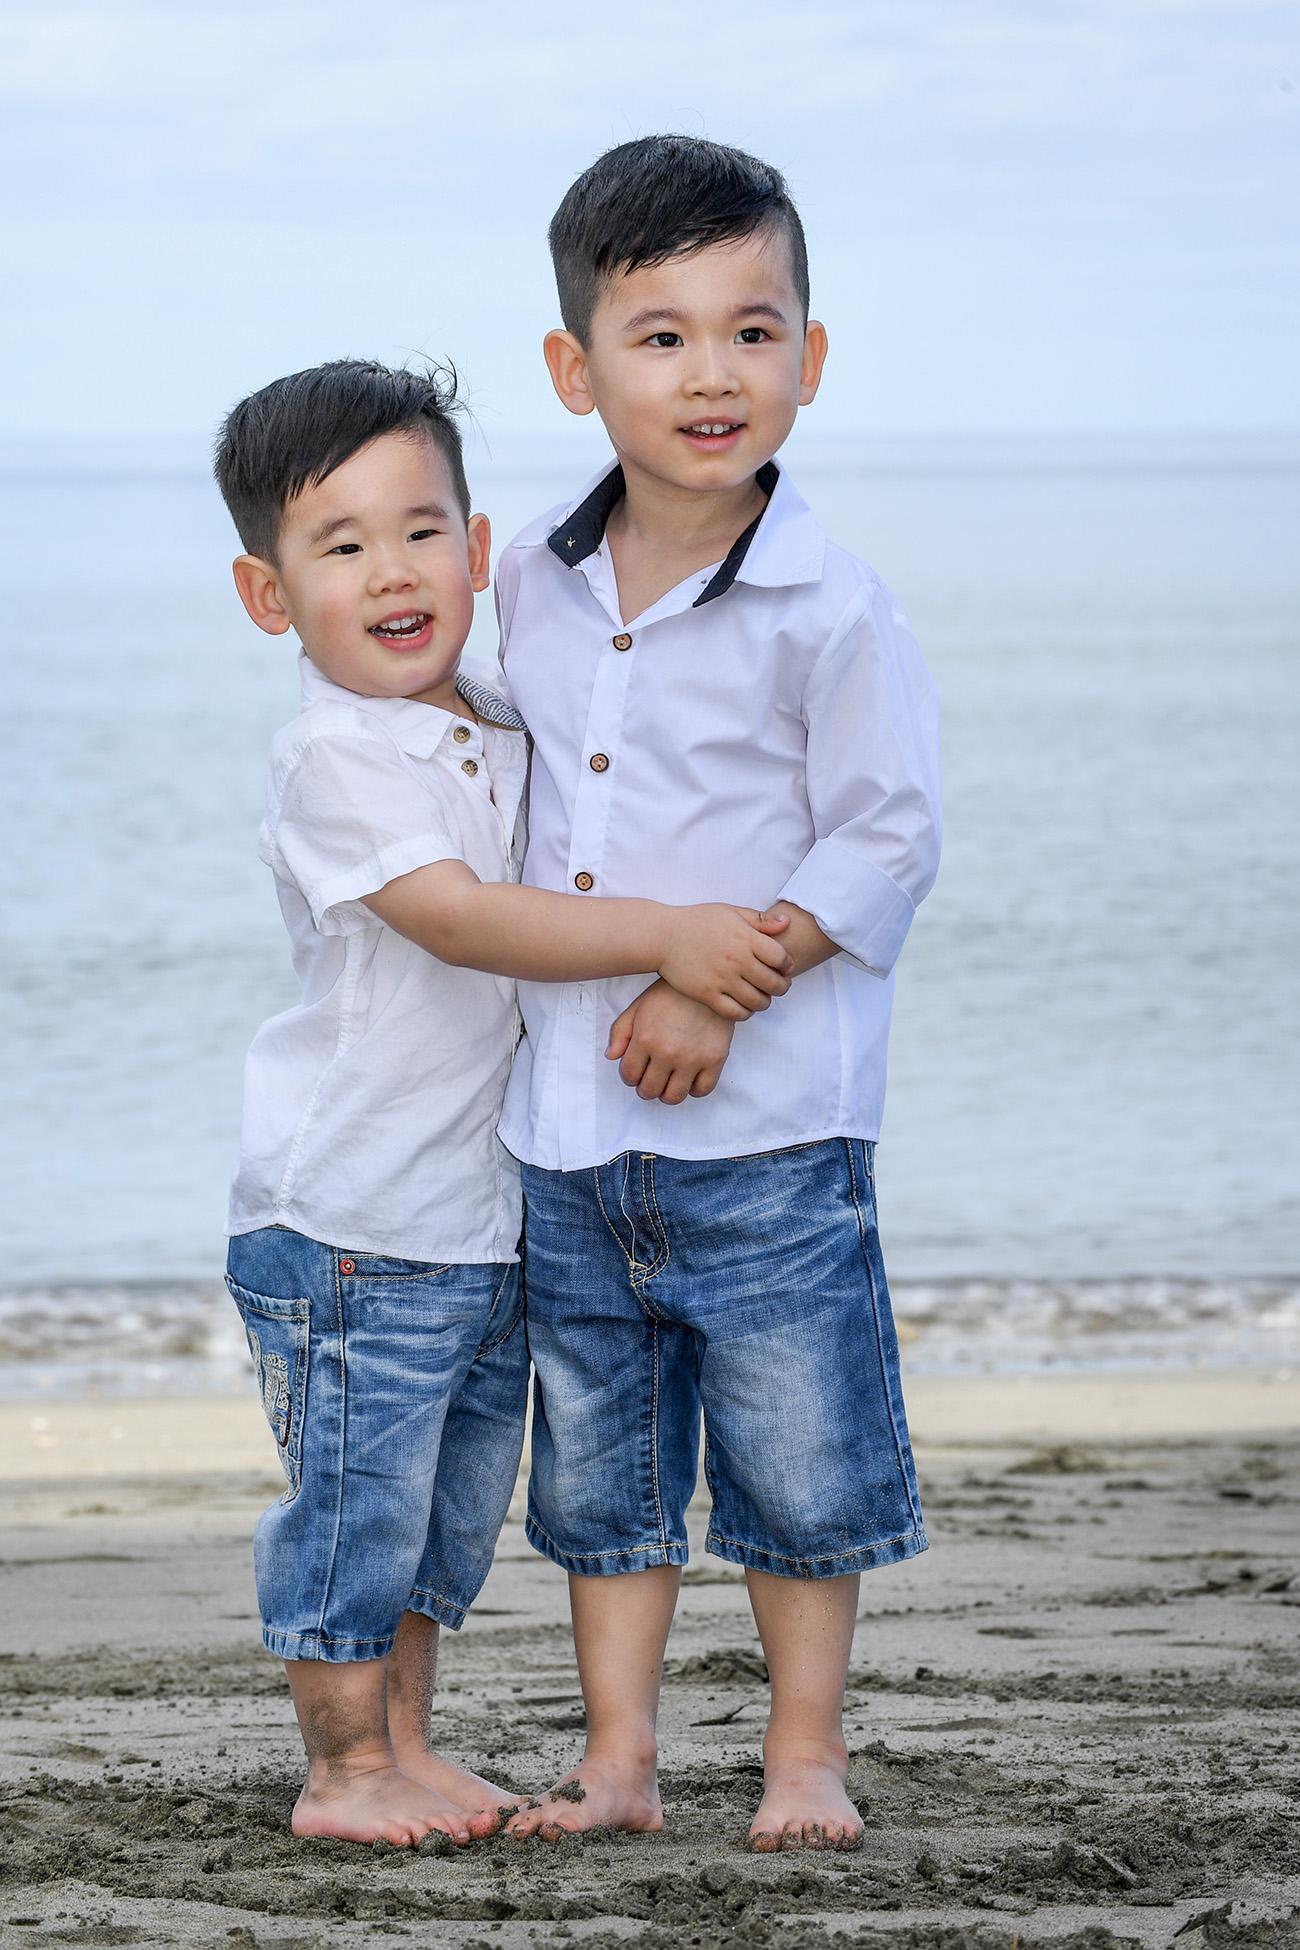 Two asian baby brothers hug while at the beach at Natadola Fiji